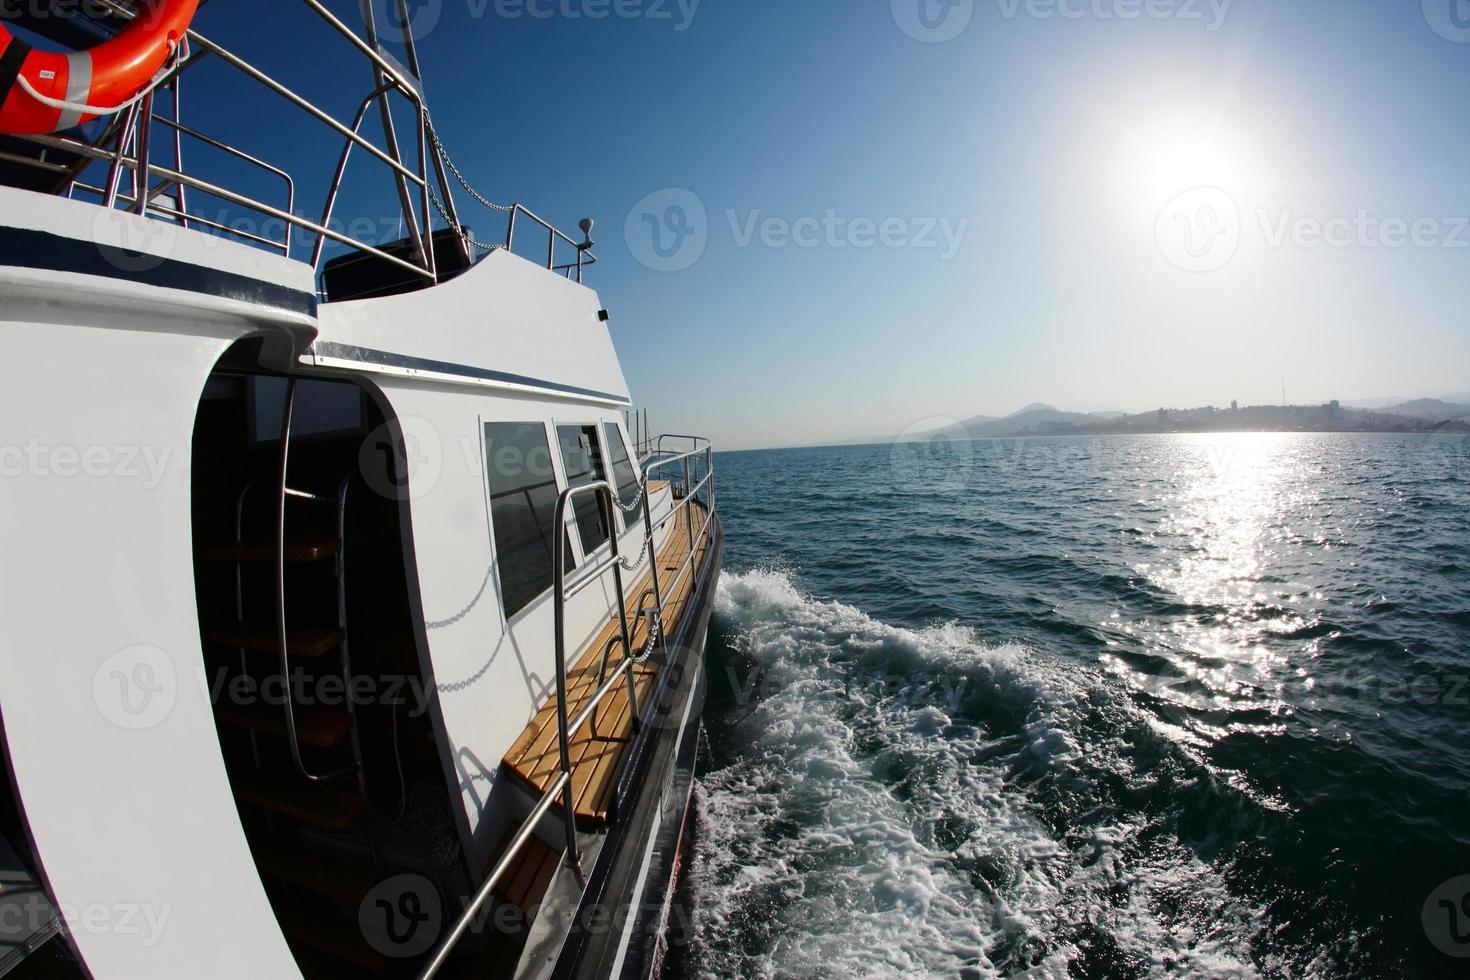 viaje en barco en alta mar foto